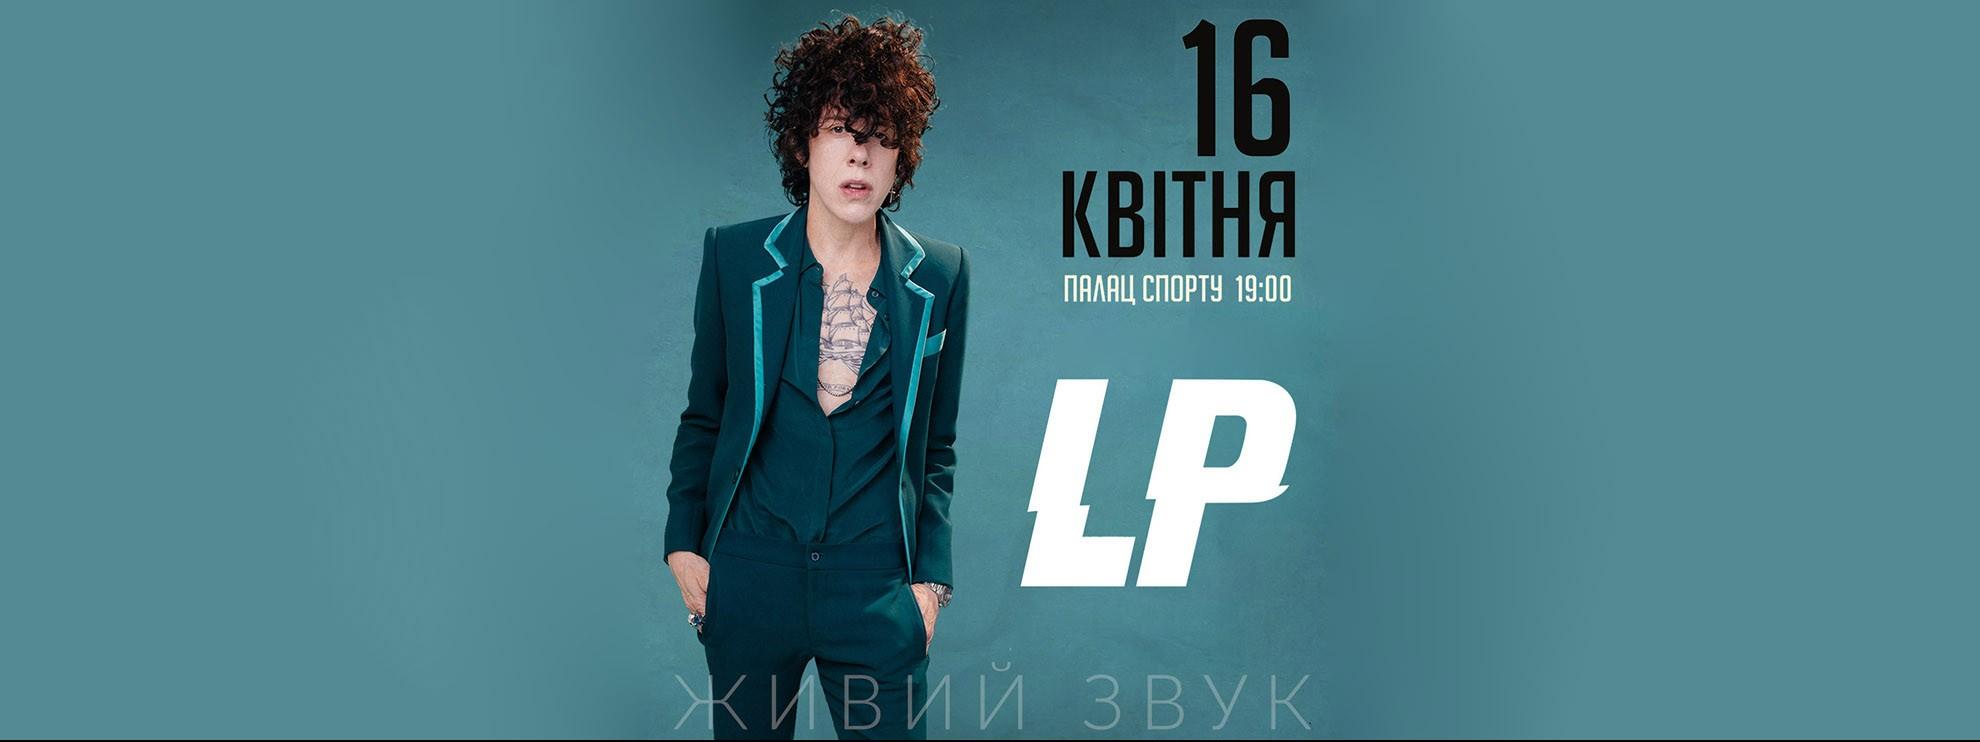 событие LP (Эл Пи)